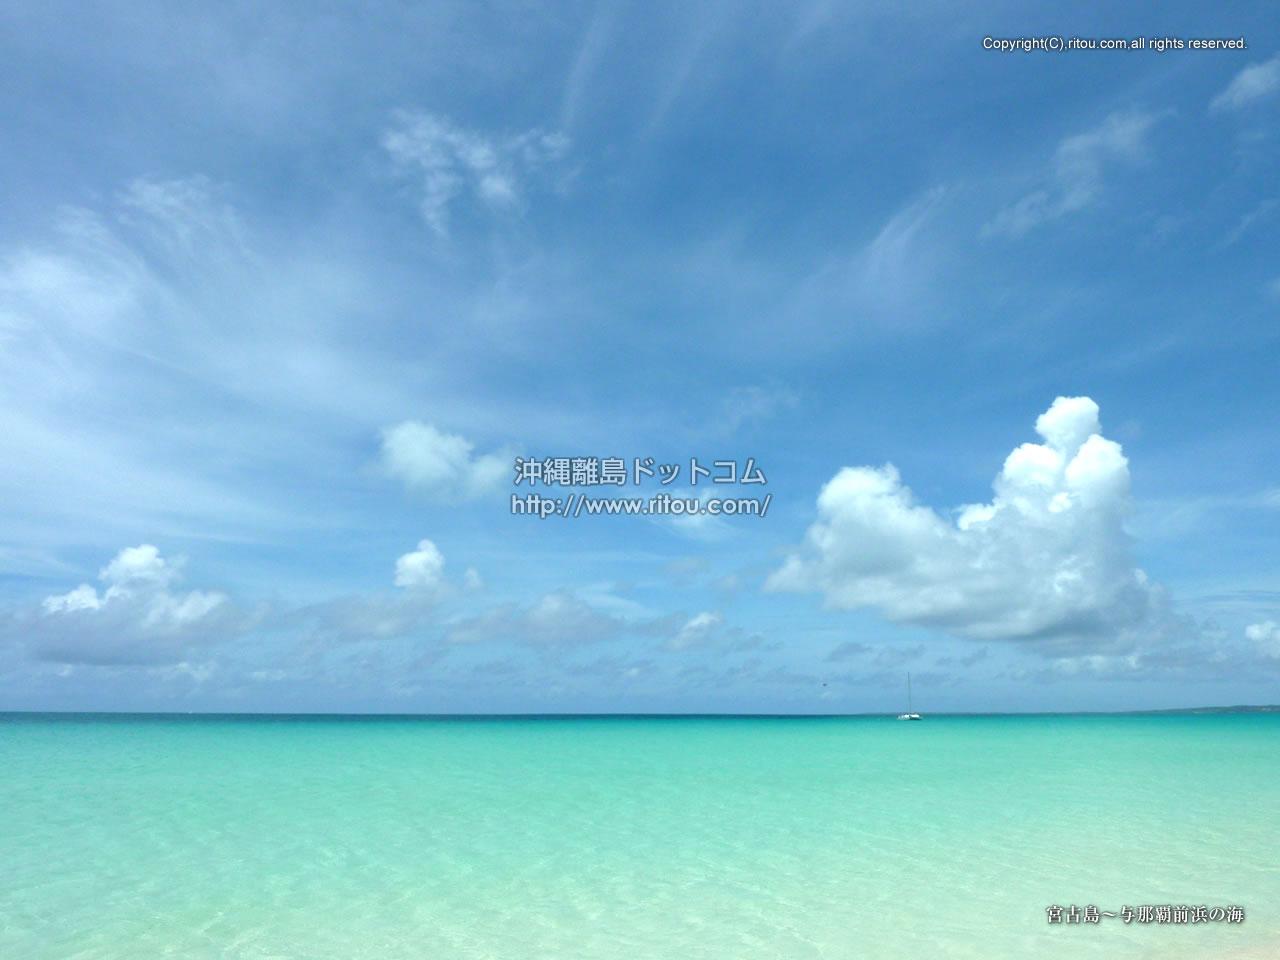 宮古島~与那覇前浜の海 - 沖縄 ...